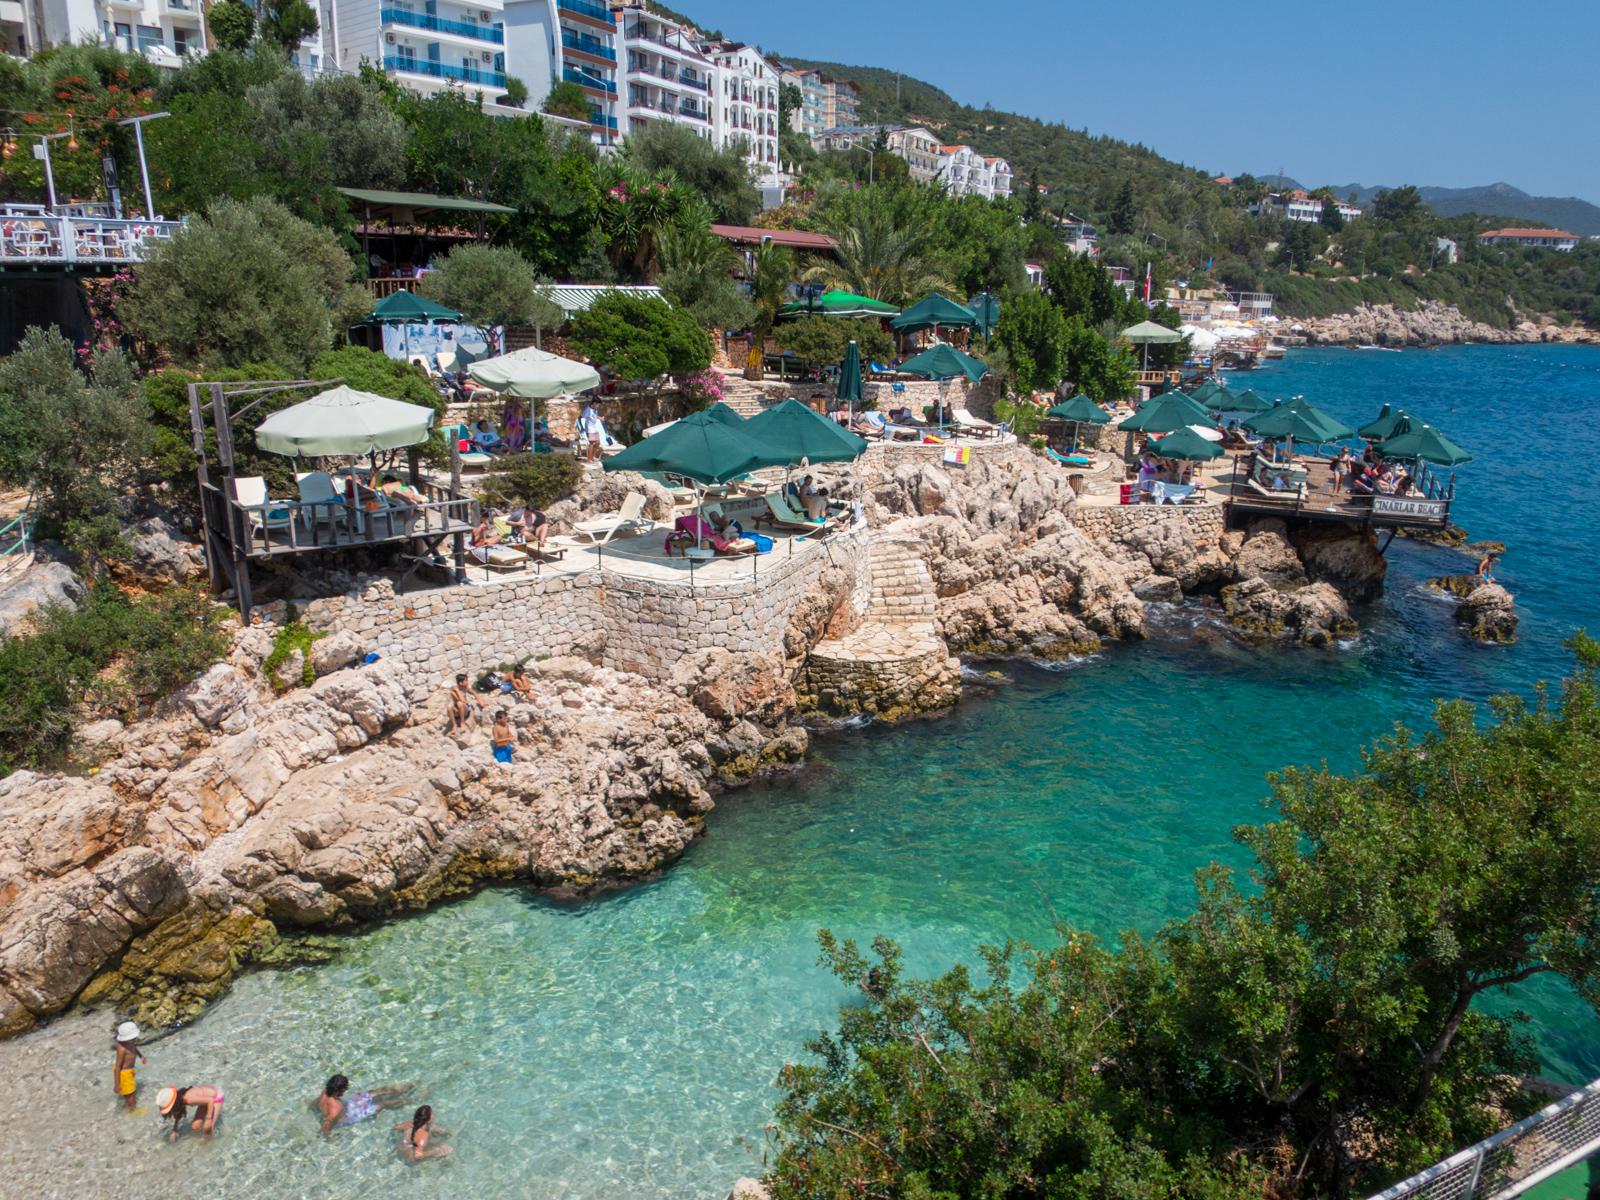 Derya Beach on the Turkish Riviera